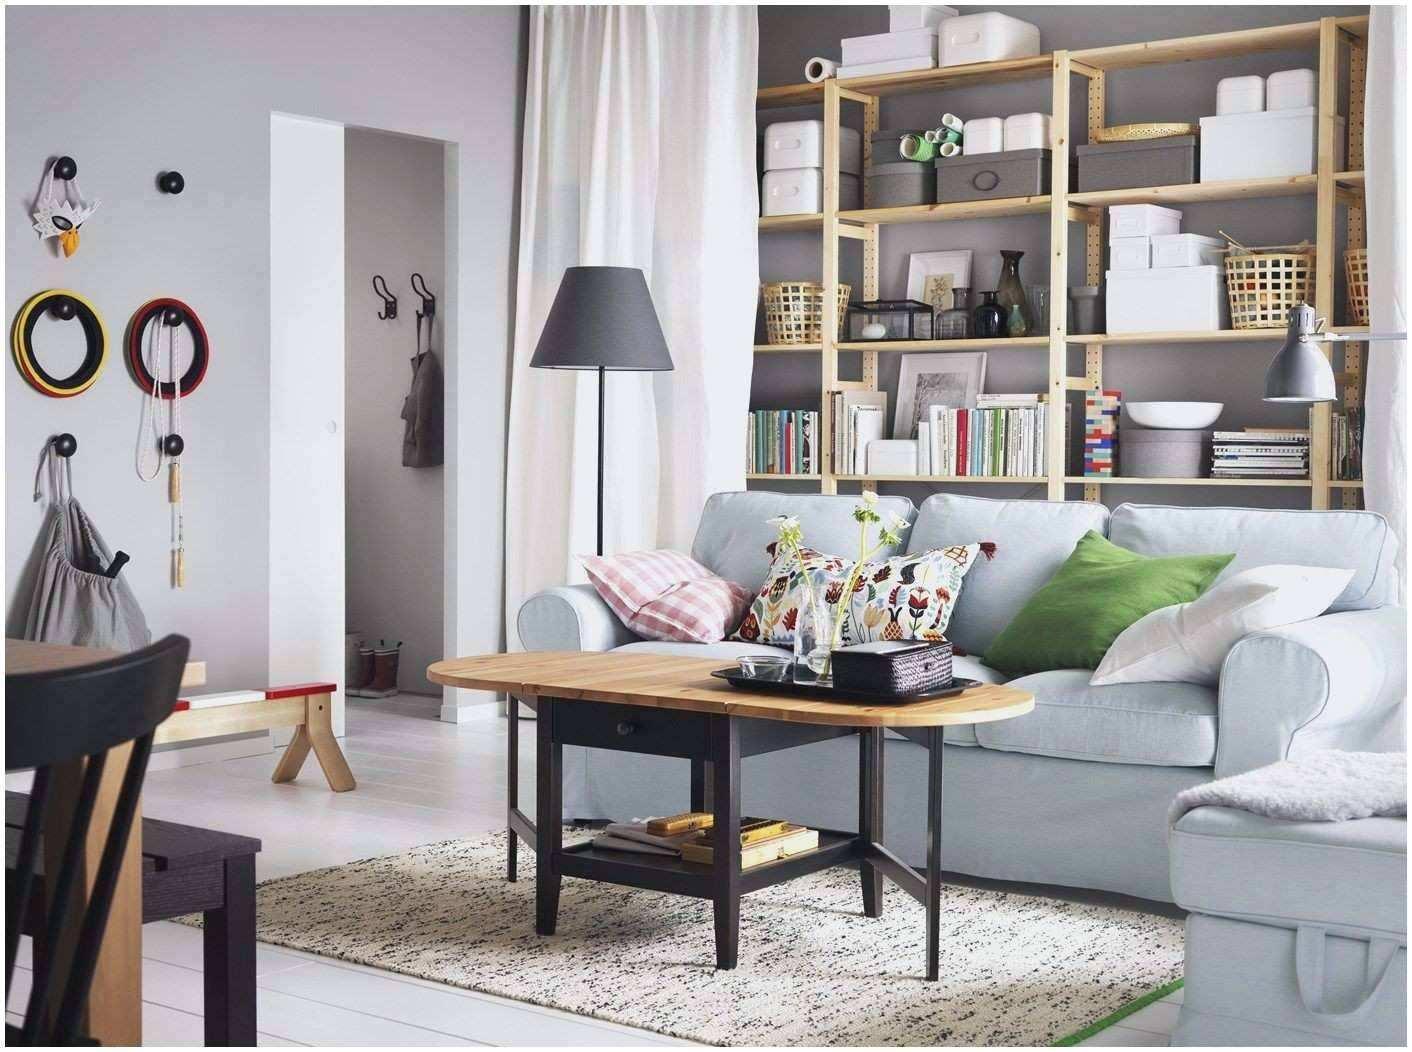 Full Size of Ikea Sofa Mit Schlaffunktion Modulküche Betten 160x200 Miniküche Küche Kosten Kaufen Bei Wohnzimmer Wohnzimmerlampen Ikea